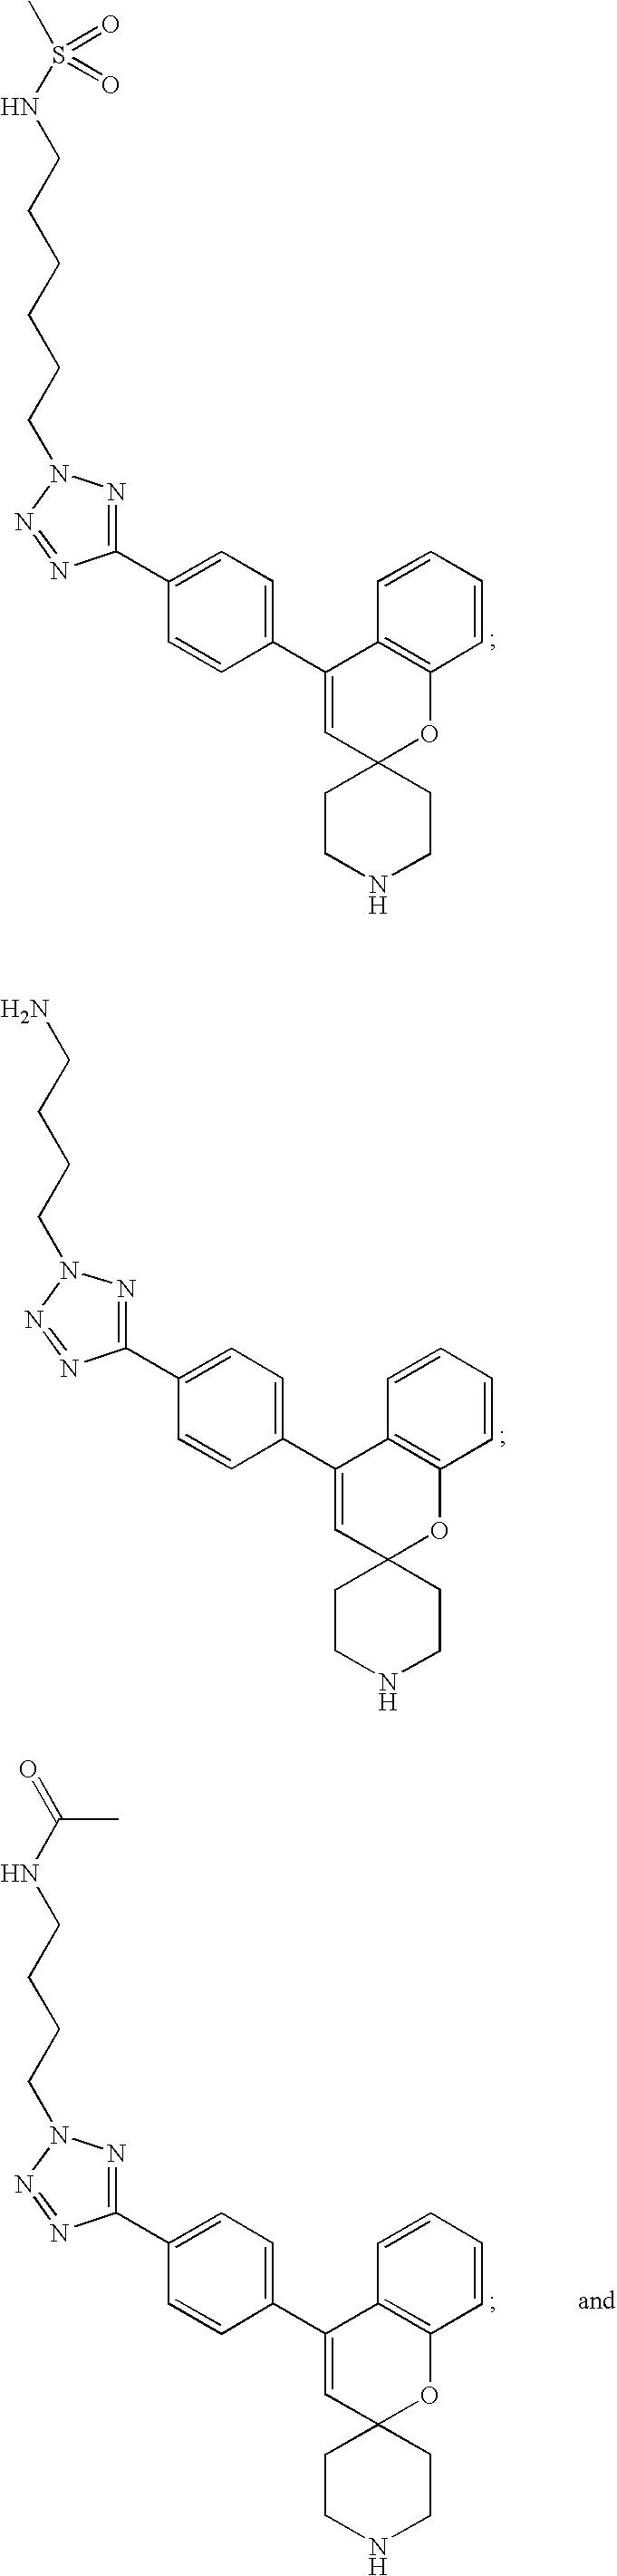 Figure US07598261-20091006-C00107